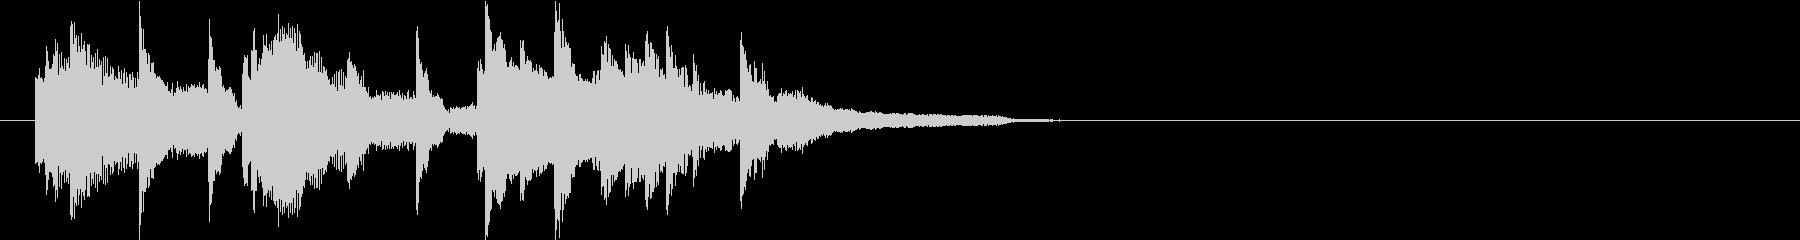 ピアノによるおしゃれなジングルの未再生の波形